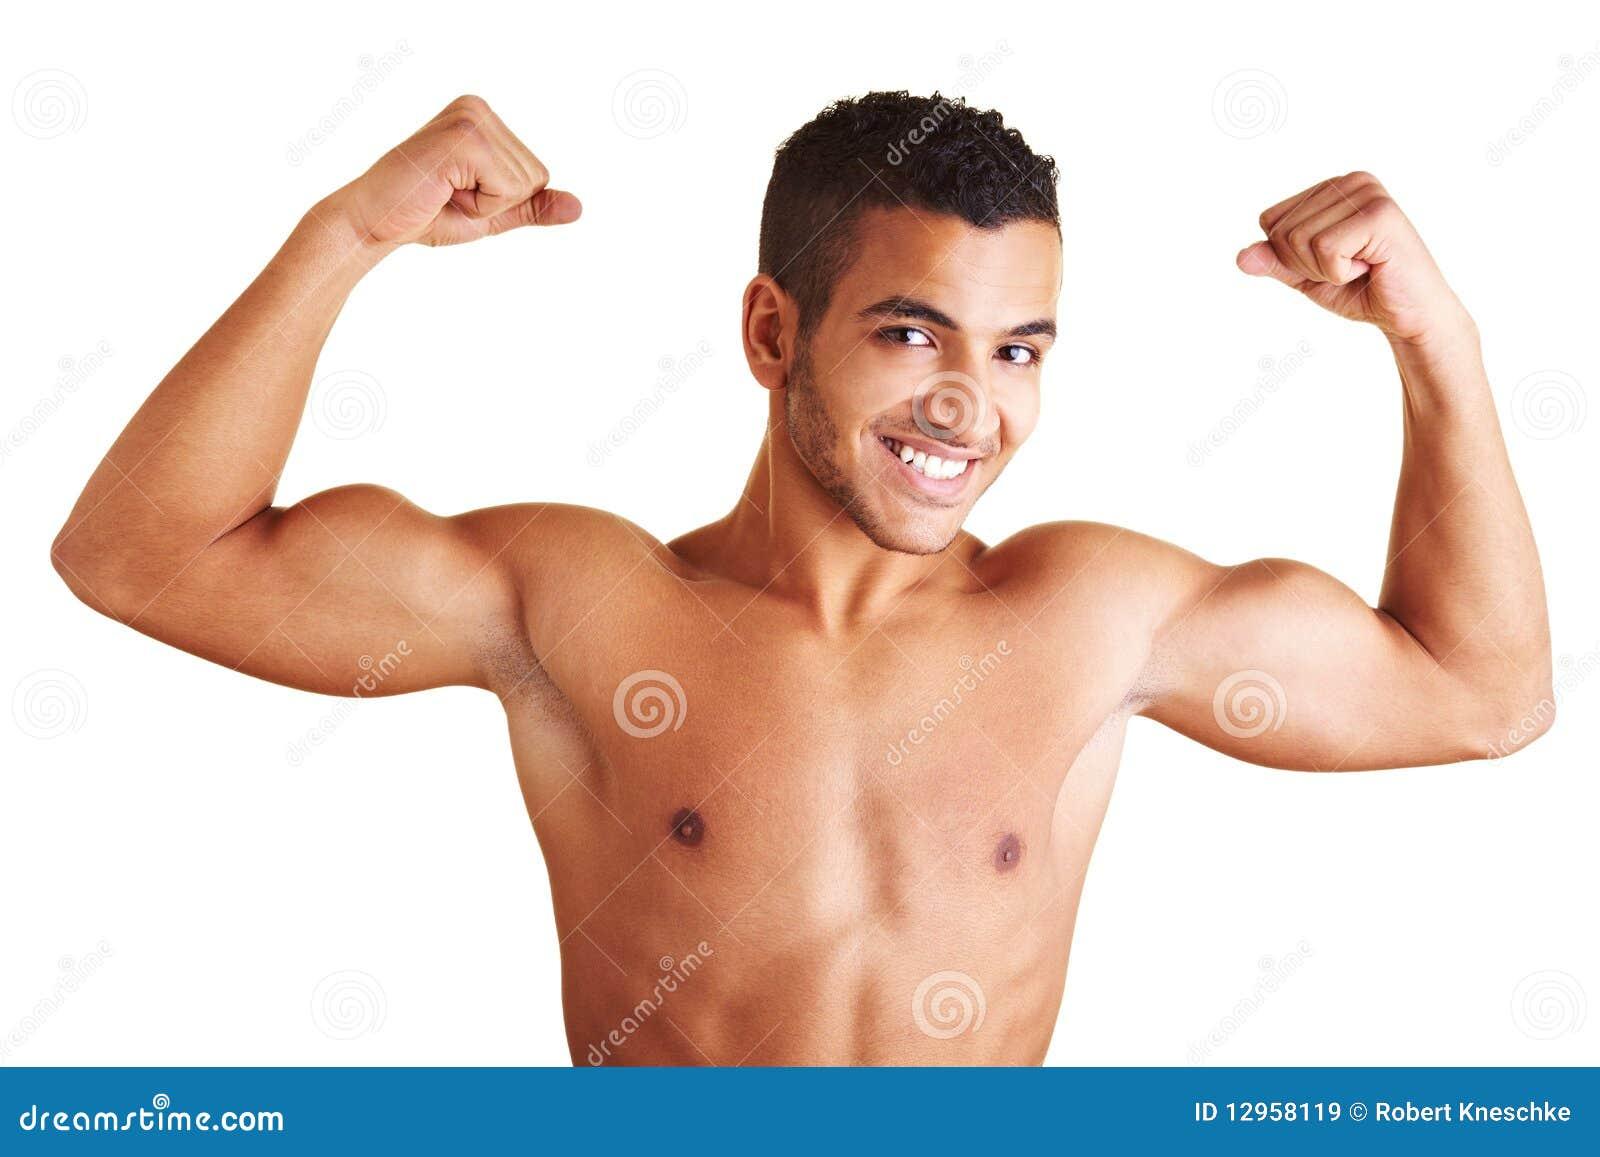 Homme affichant les deux muscles de bras images libres de droits image 12958119 - Bras tatoue homme ...